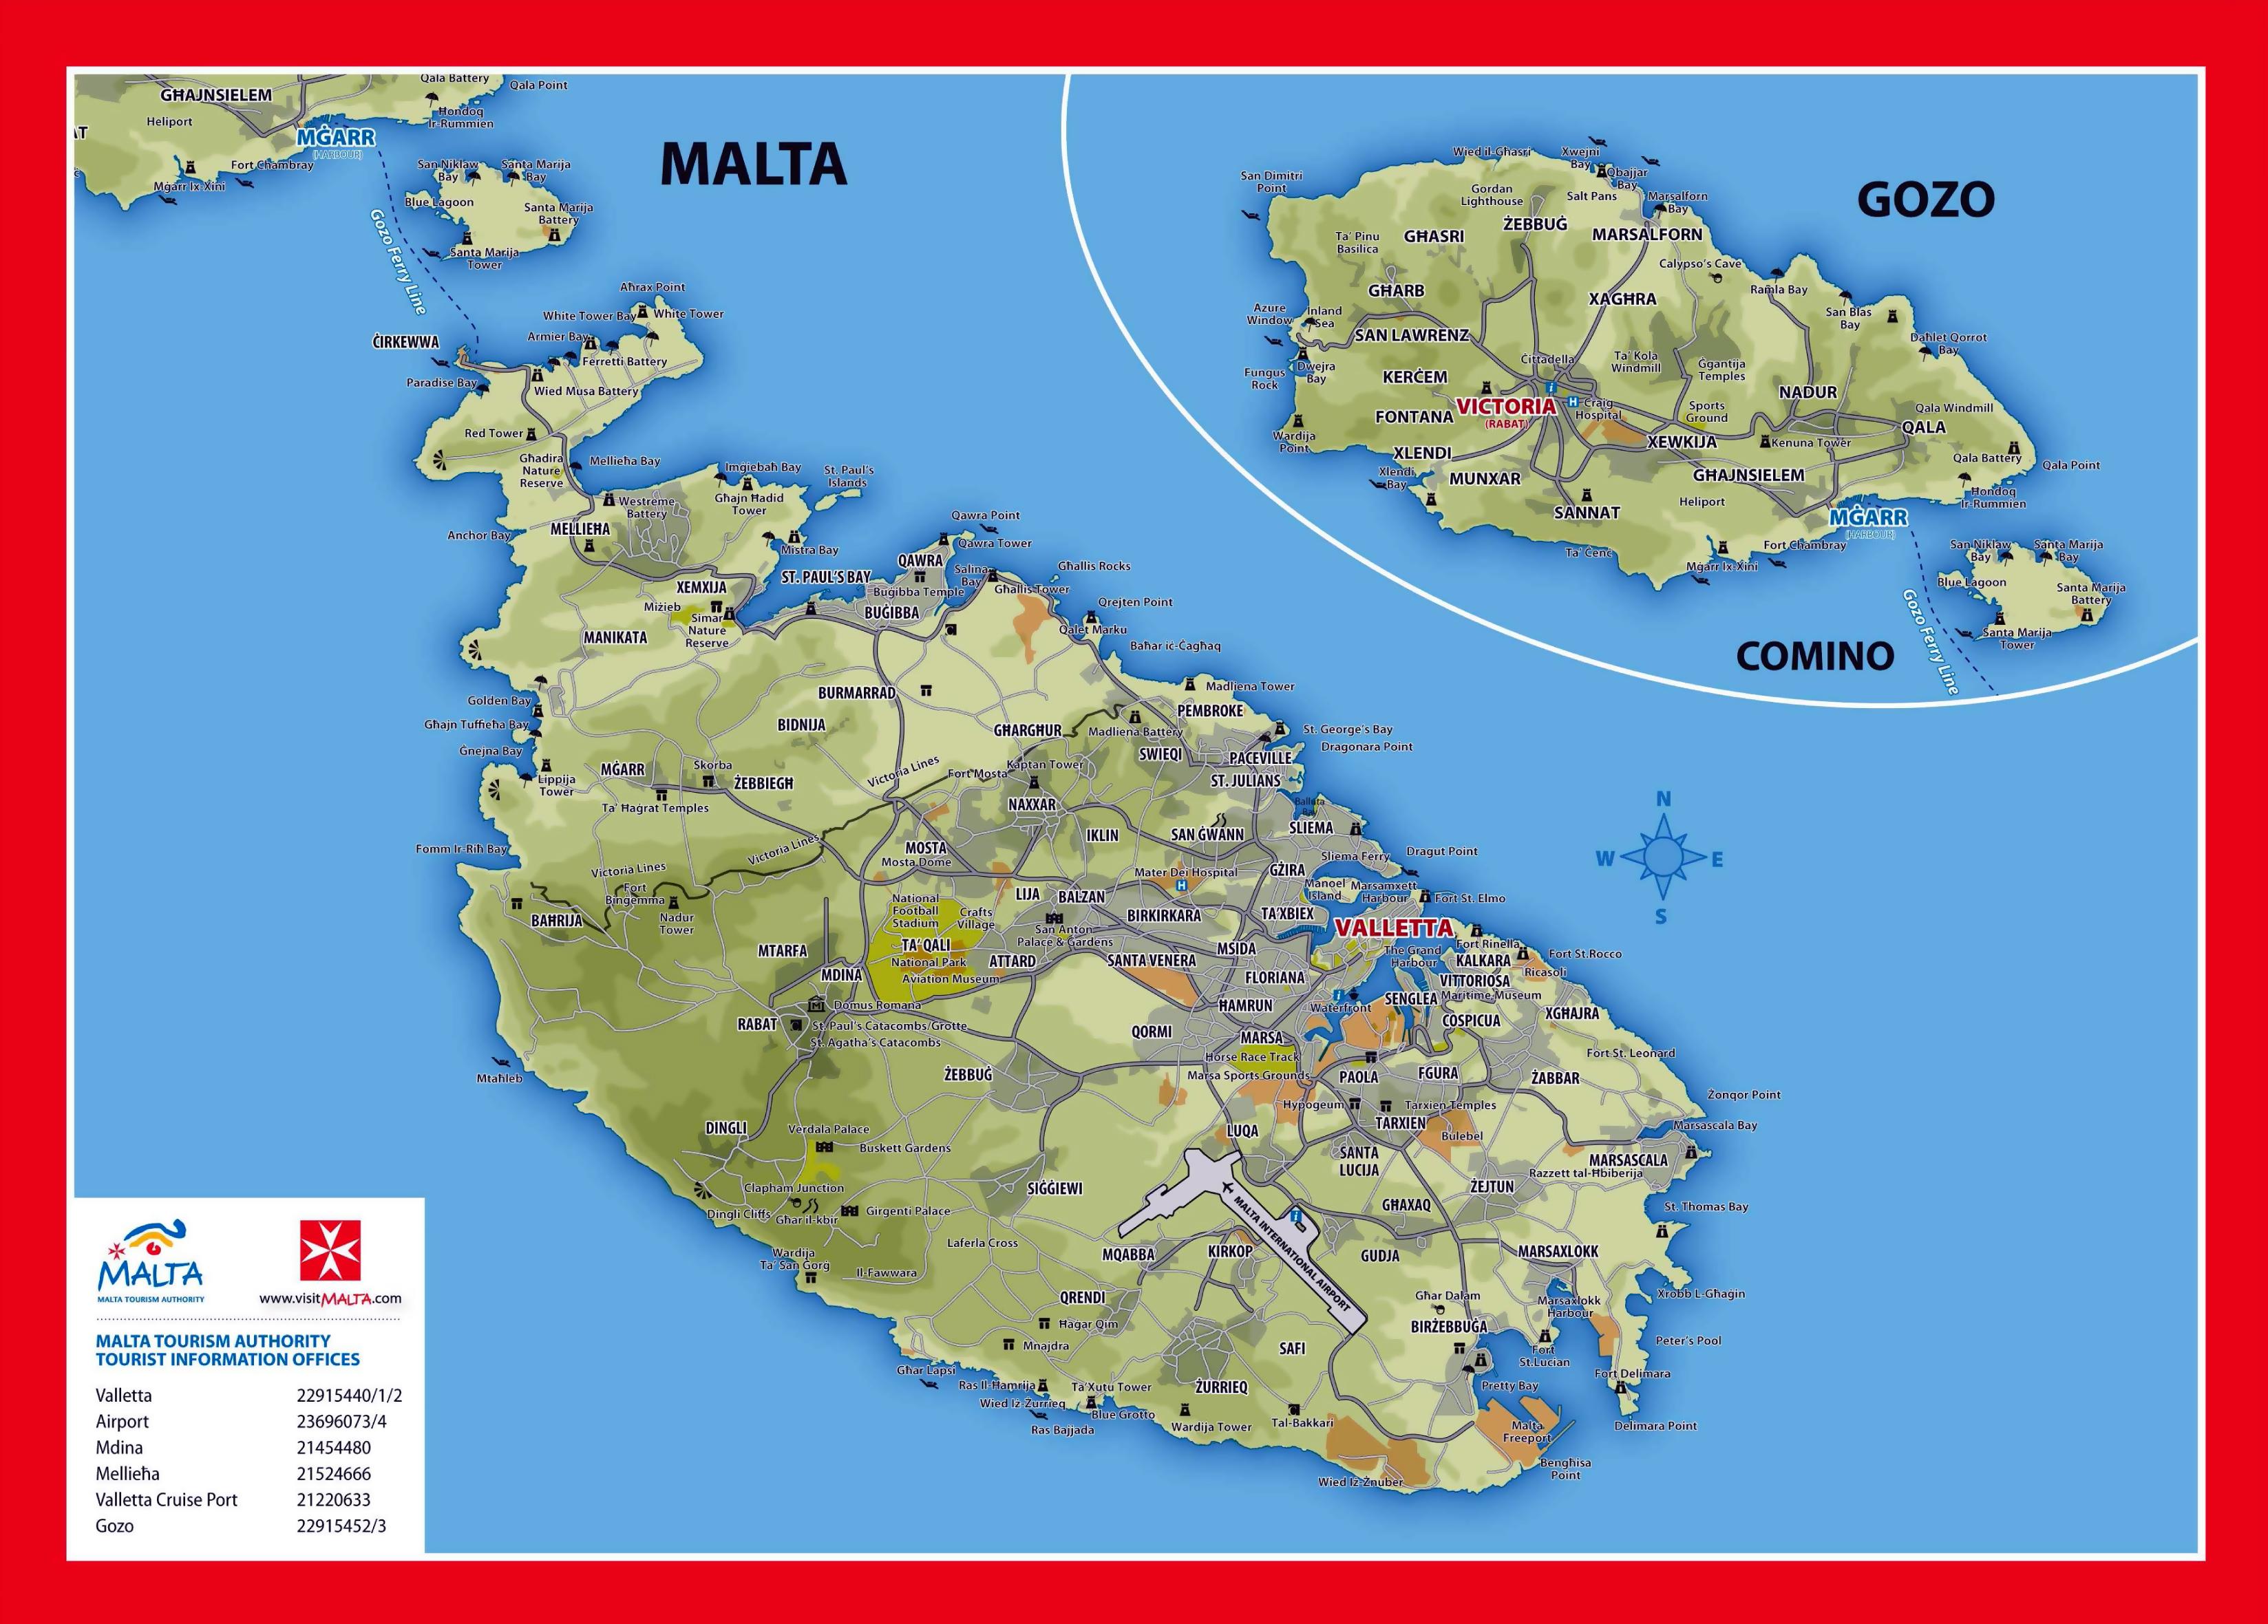 Grande Detallado Mapa Elevacion Y Turistico De Malta Y Gozo Con